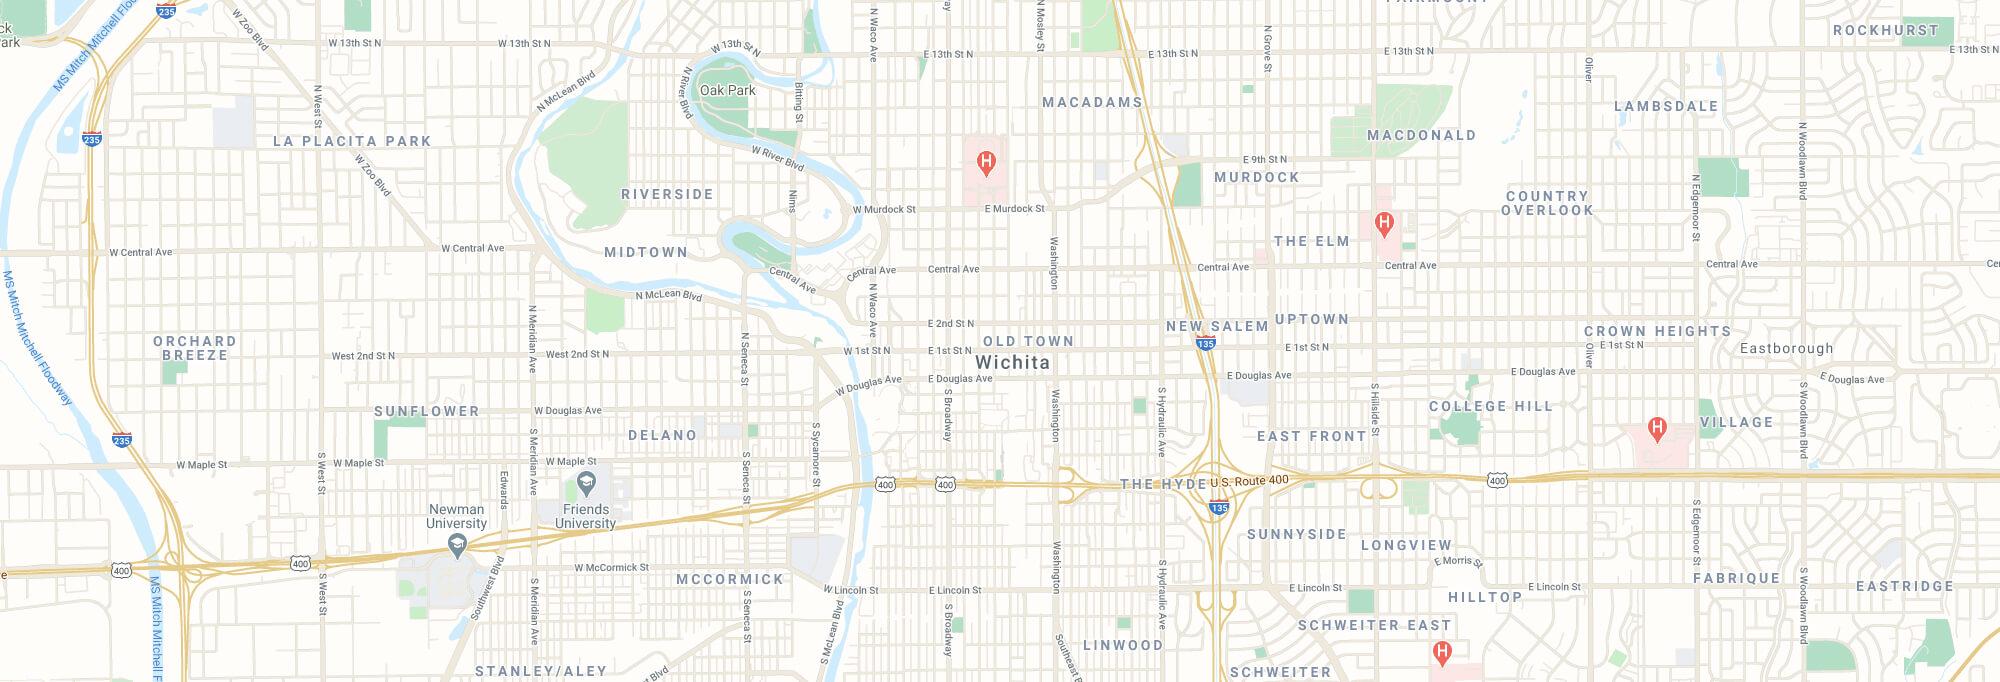 Wichita city map